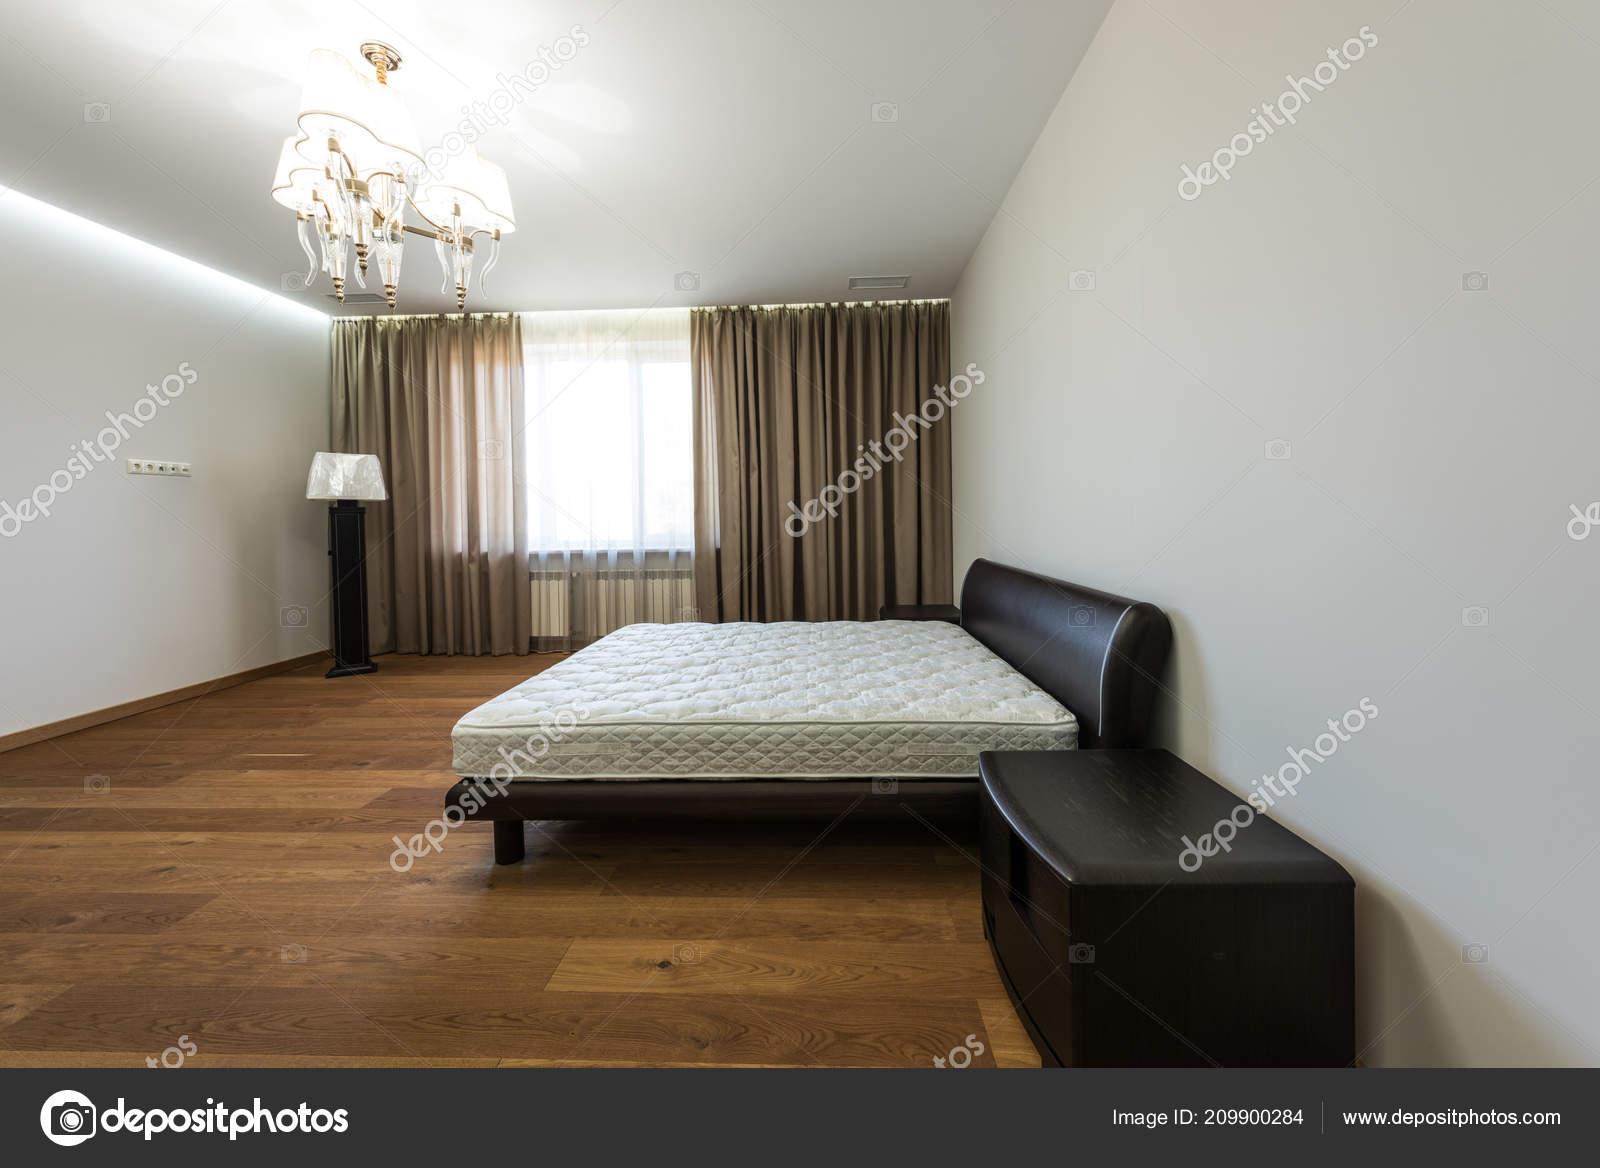 Interior Empty Bedroom Curtains Big Window Mattress Bed Fotografia De Stock